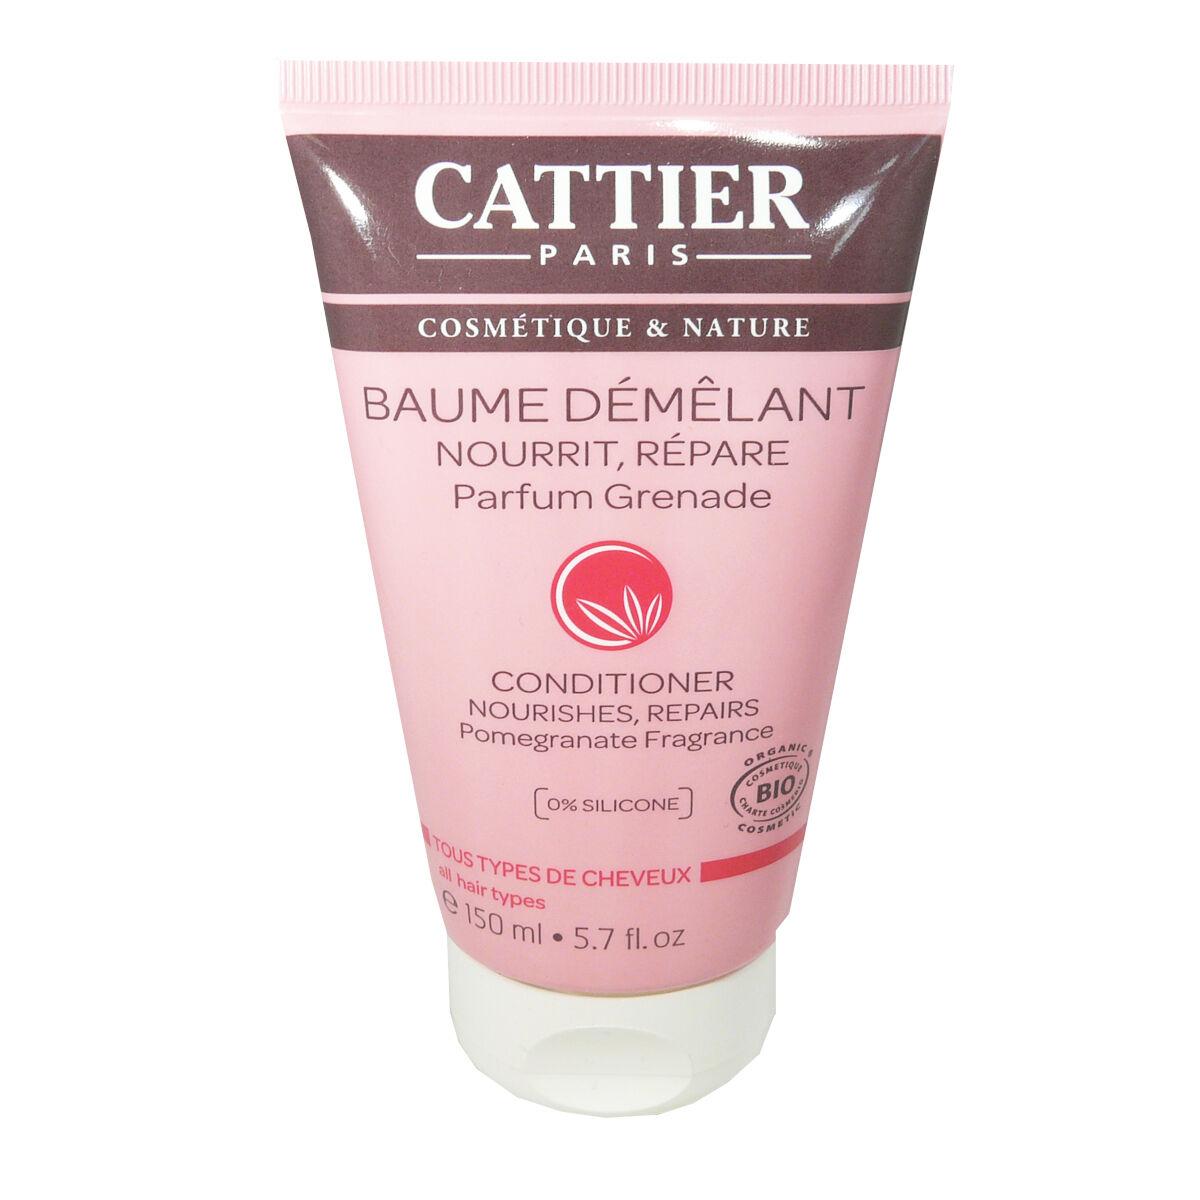 Cattier baume demelant parfum grenade  150 ml